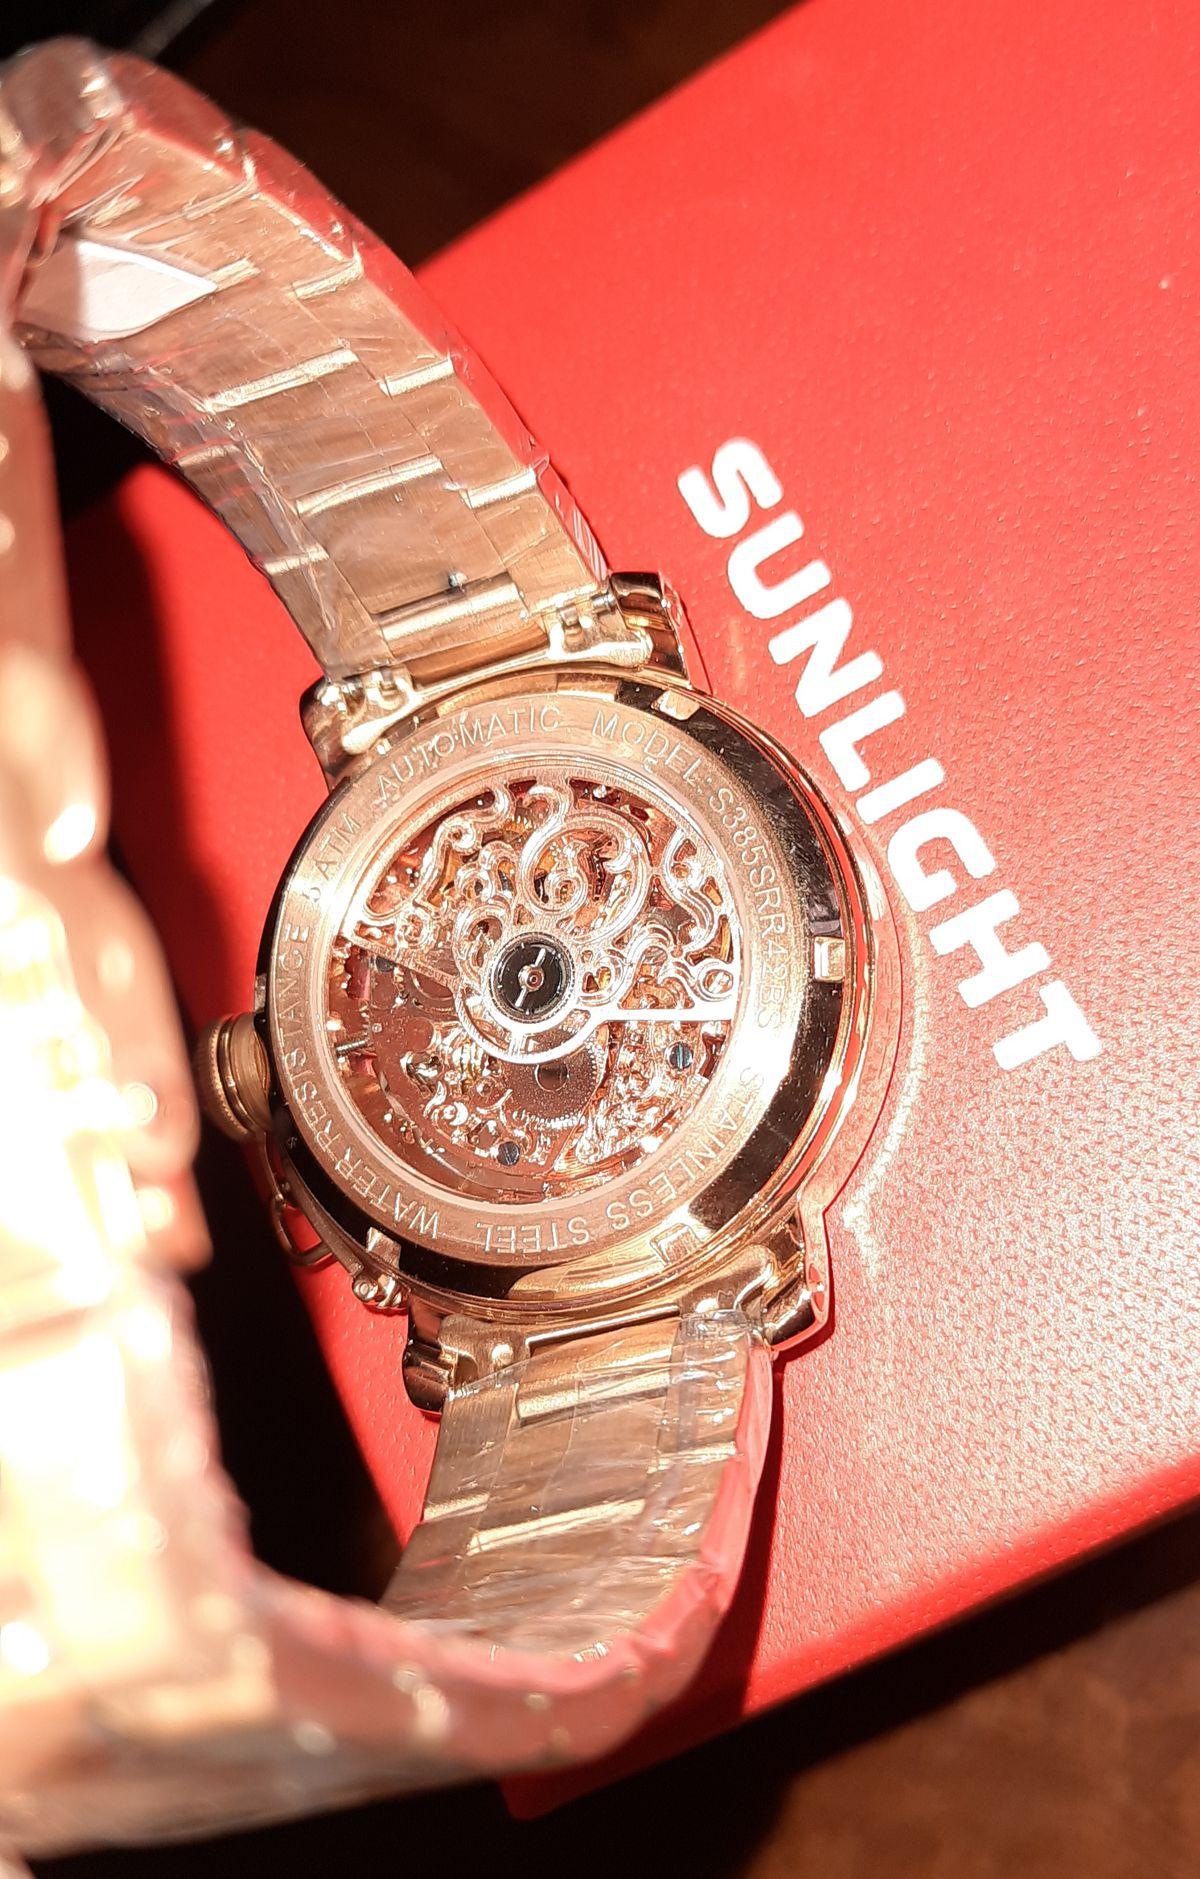 Хороший экземпляр в коллекцию часов